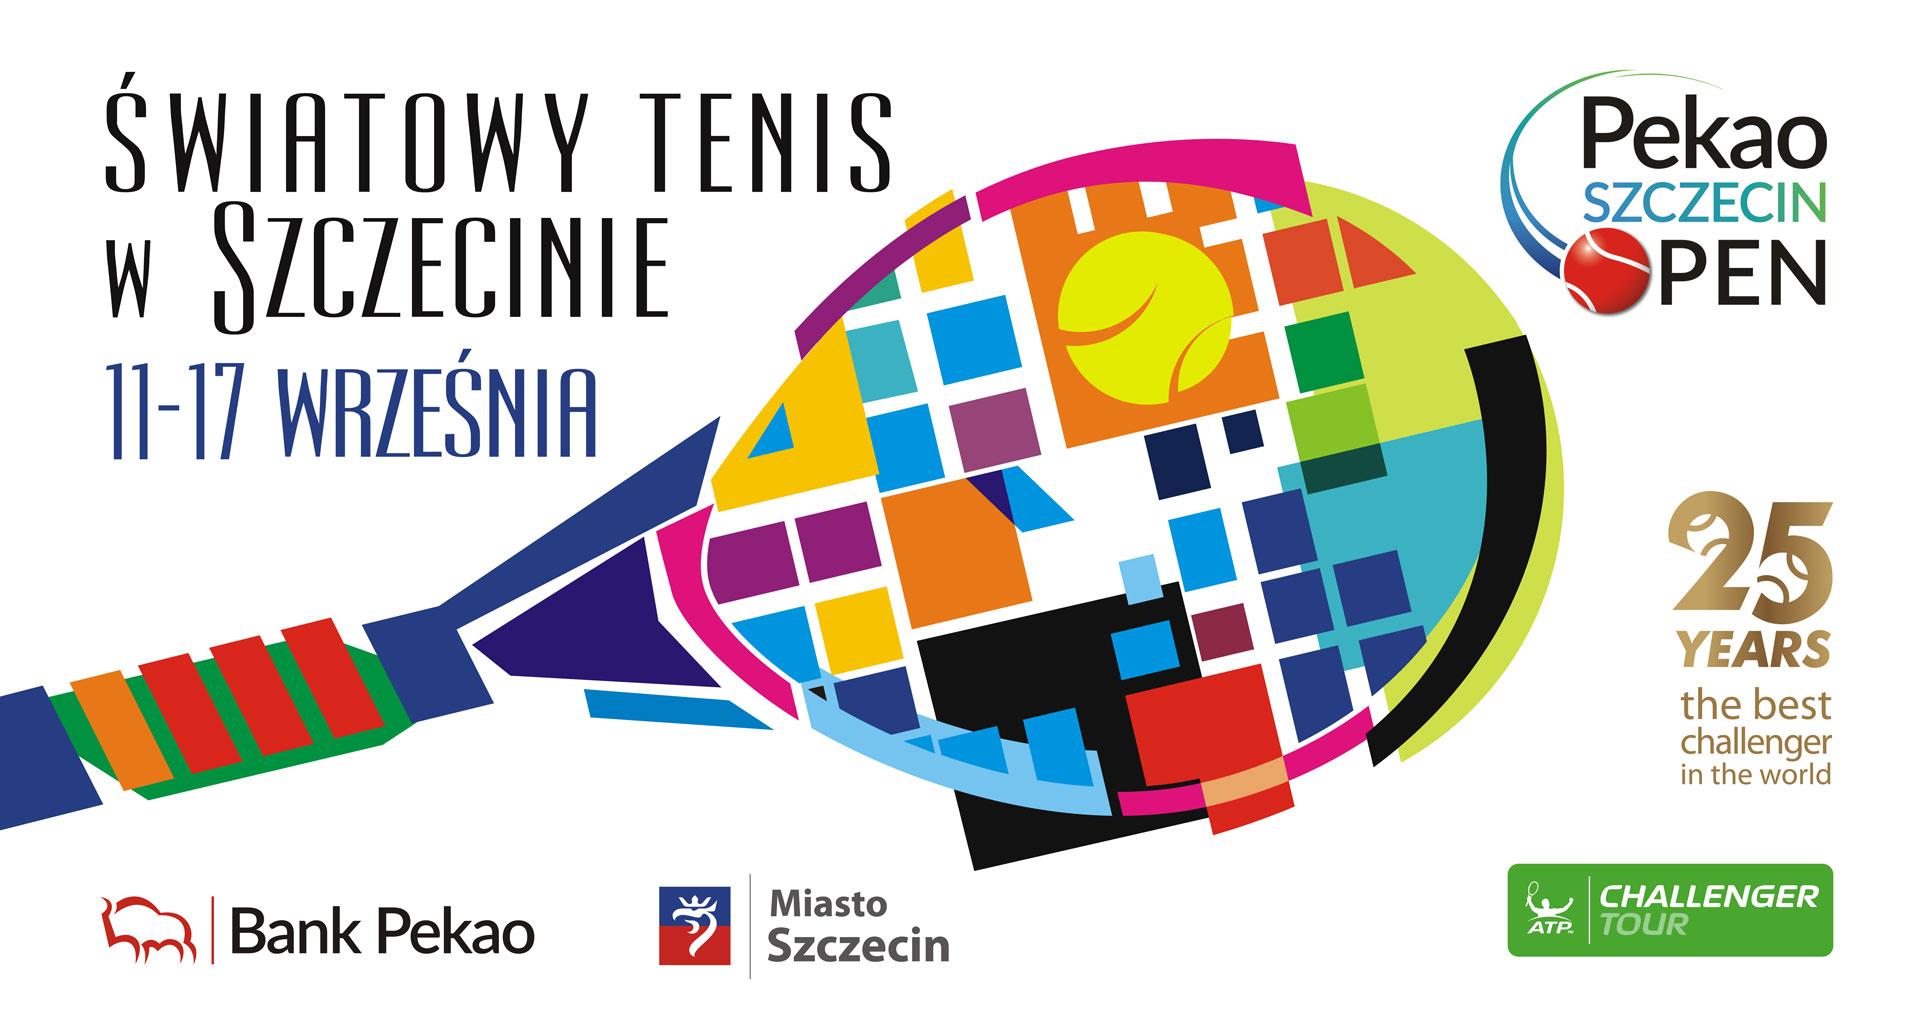 Pekao Szczecin Open 2017